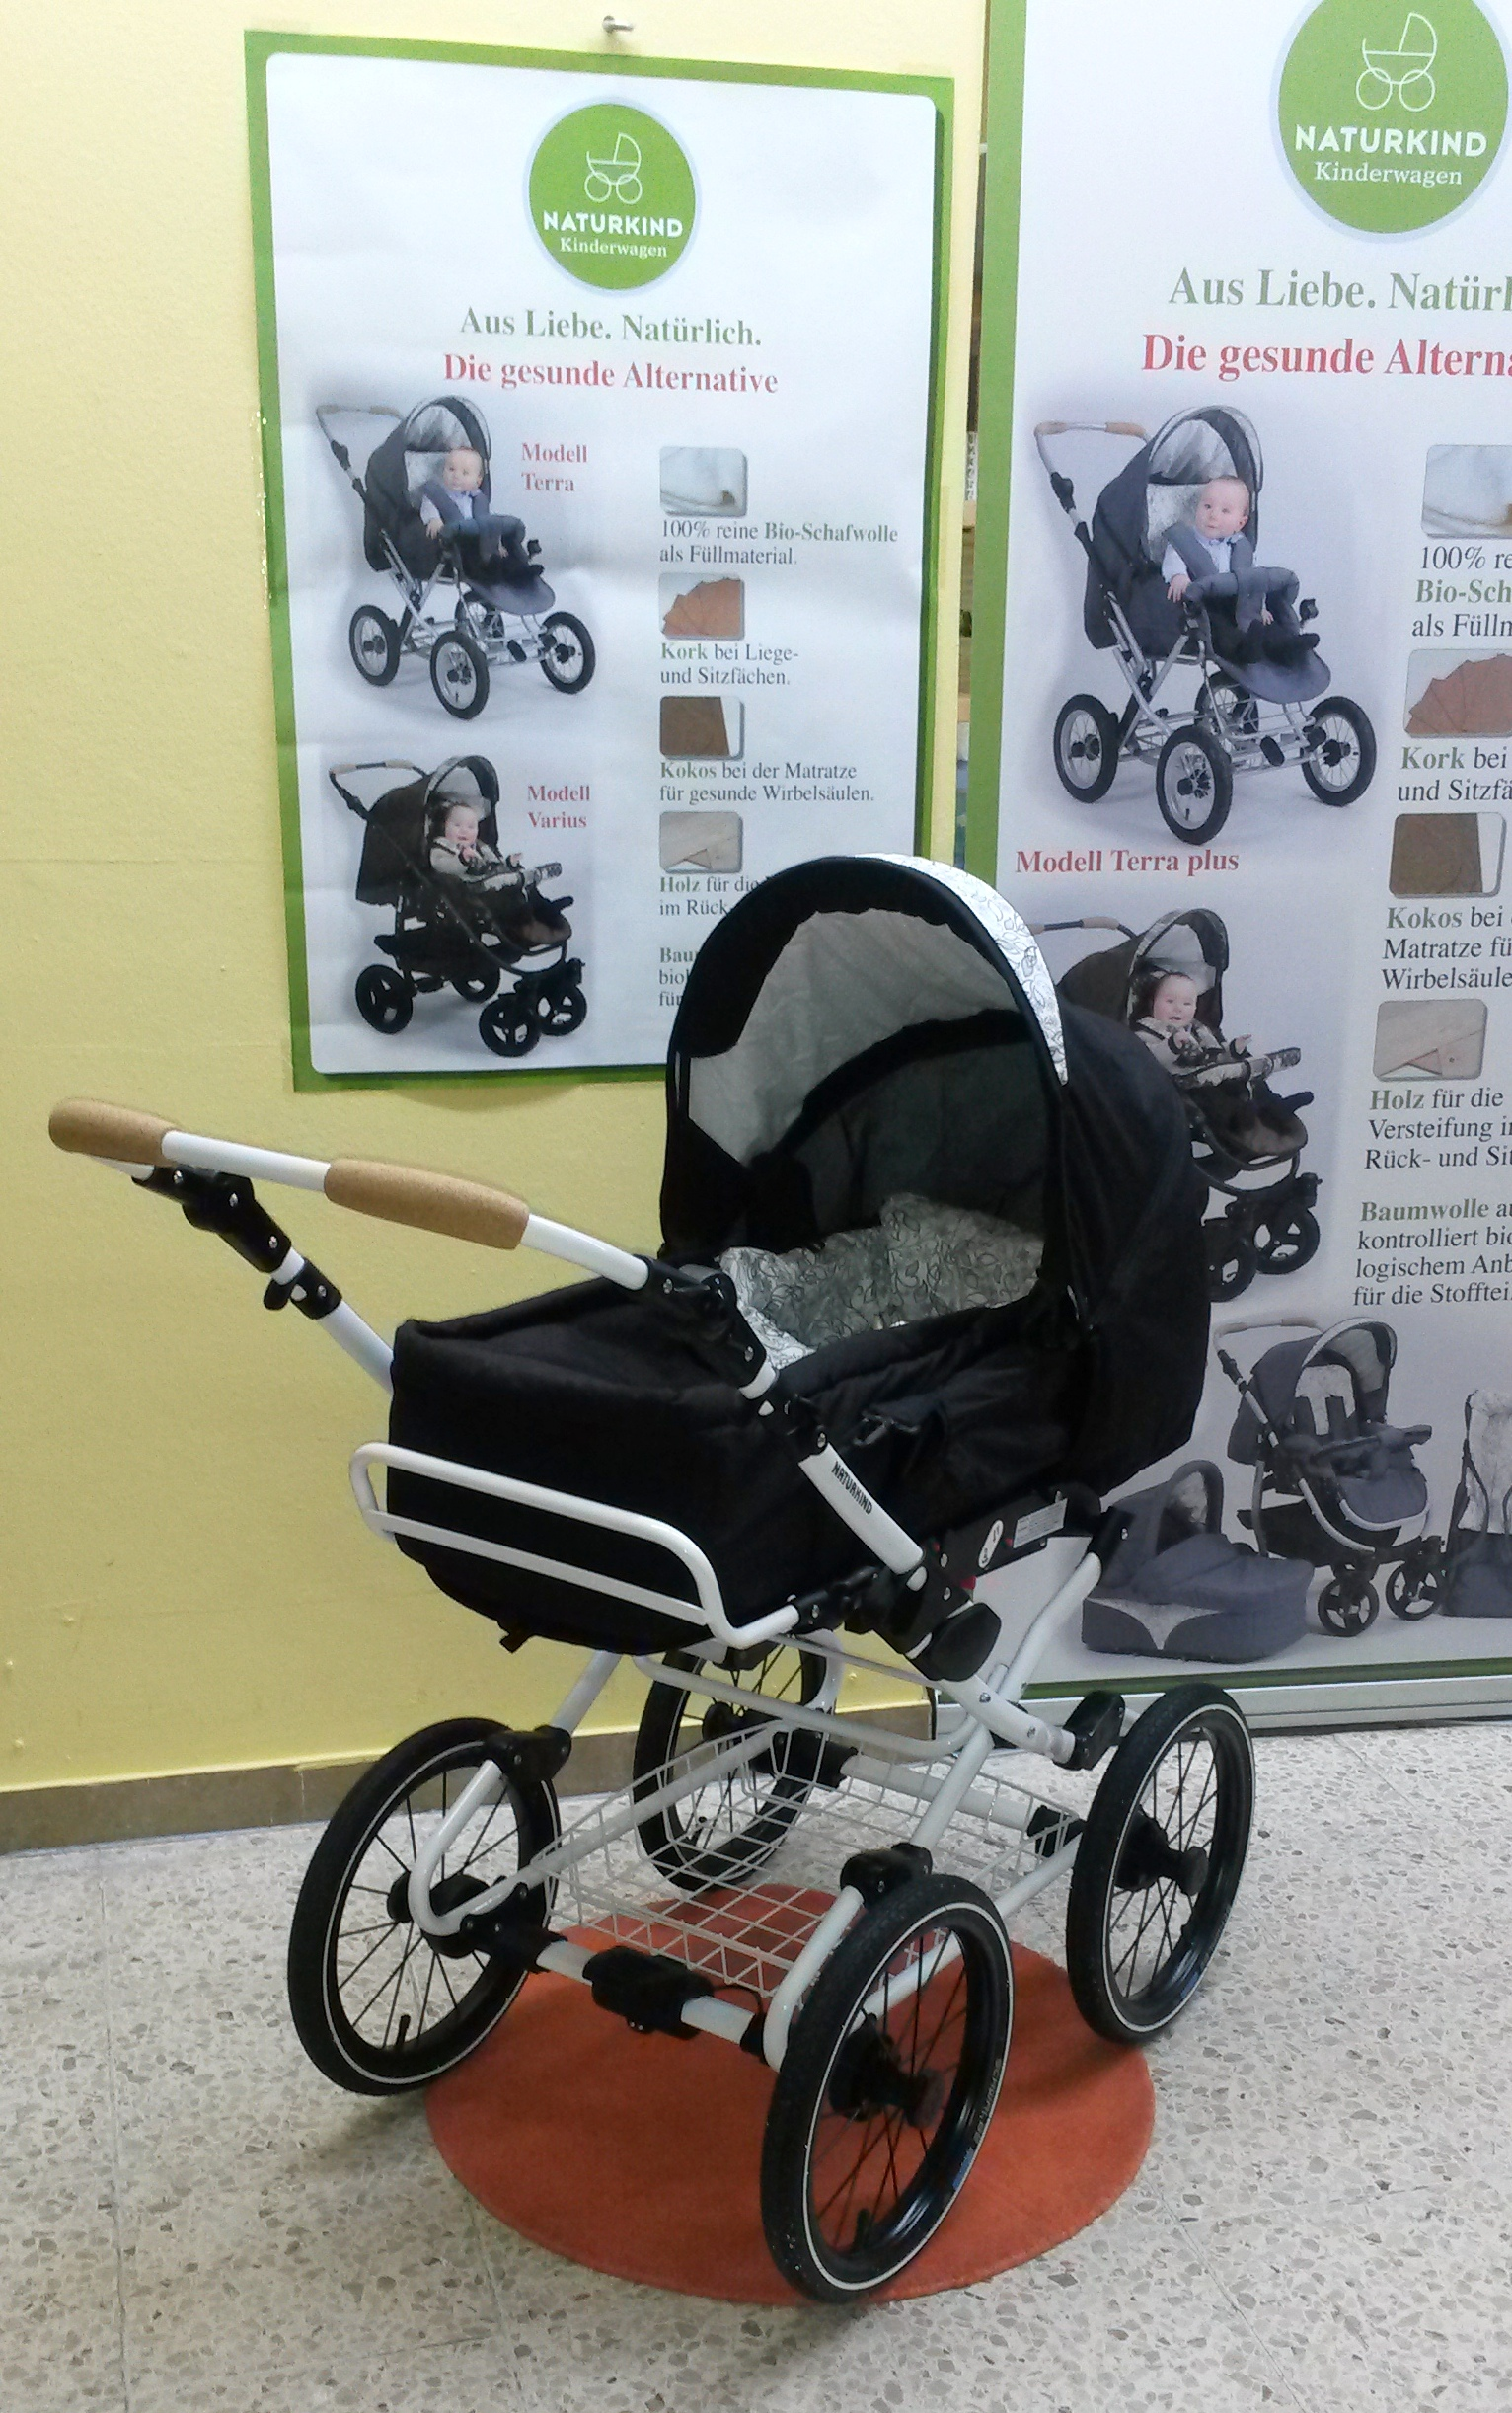 Naturkind Vita im Ladengeschäft in Weinsberg bei Heilbronn